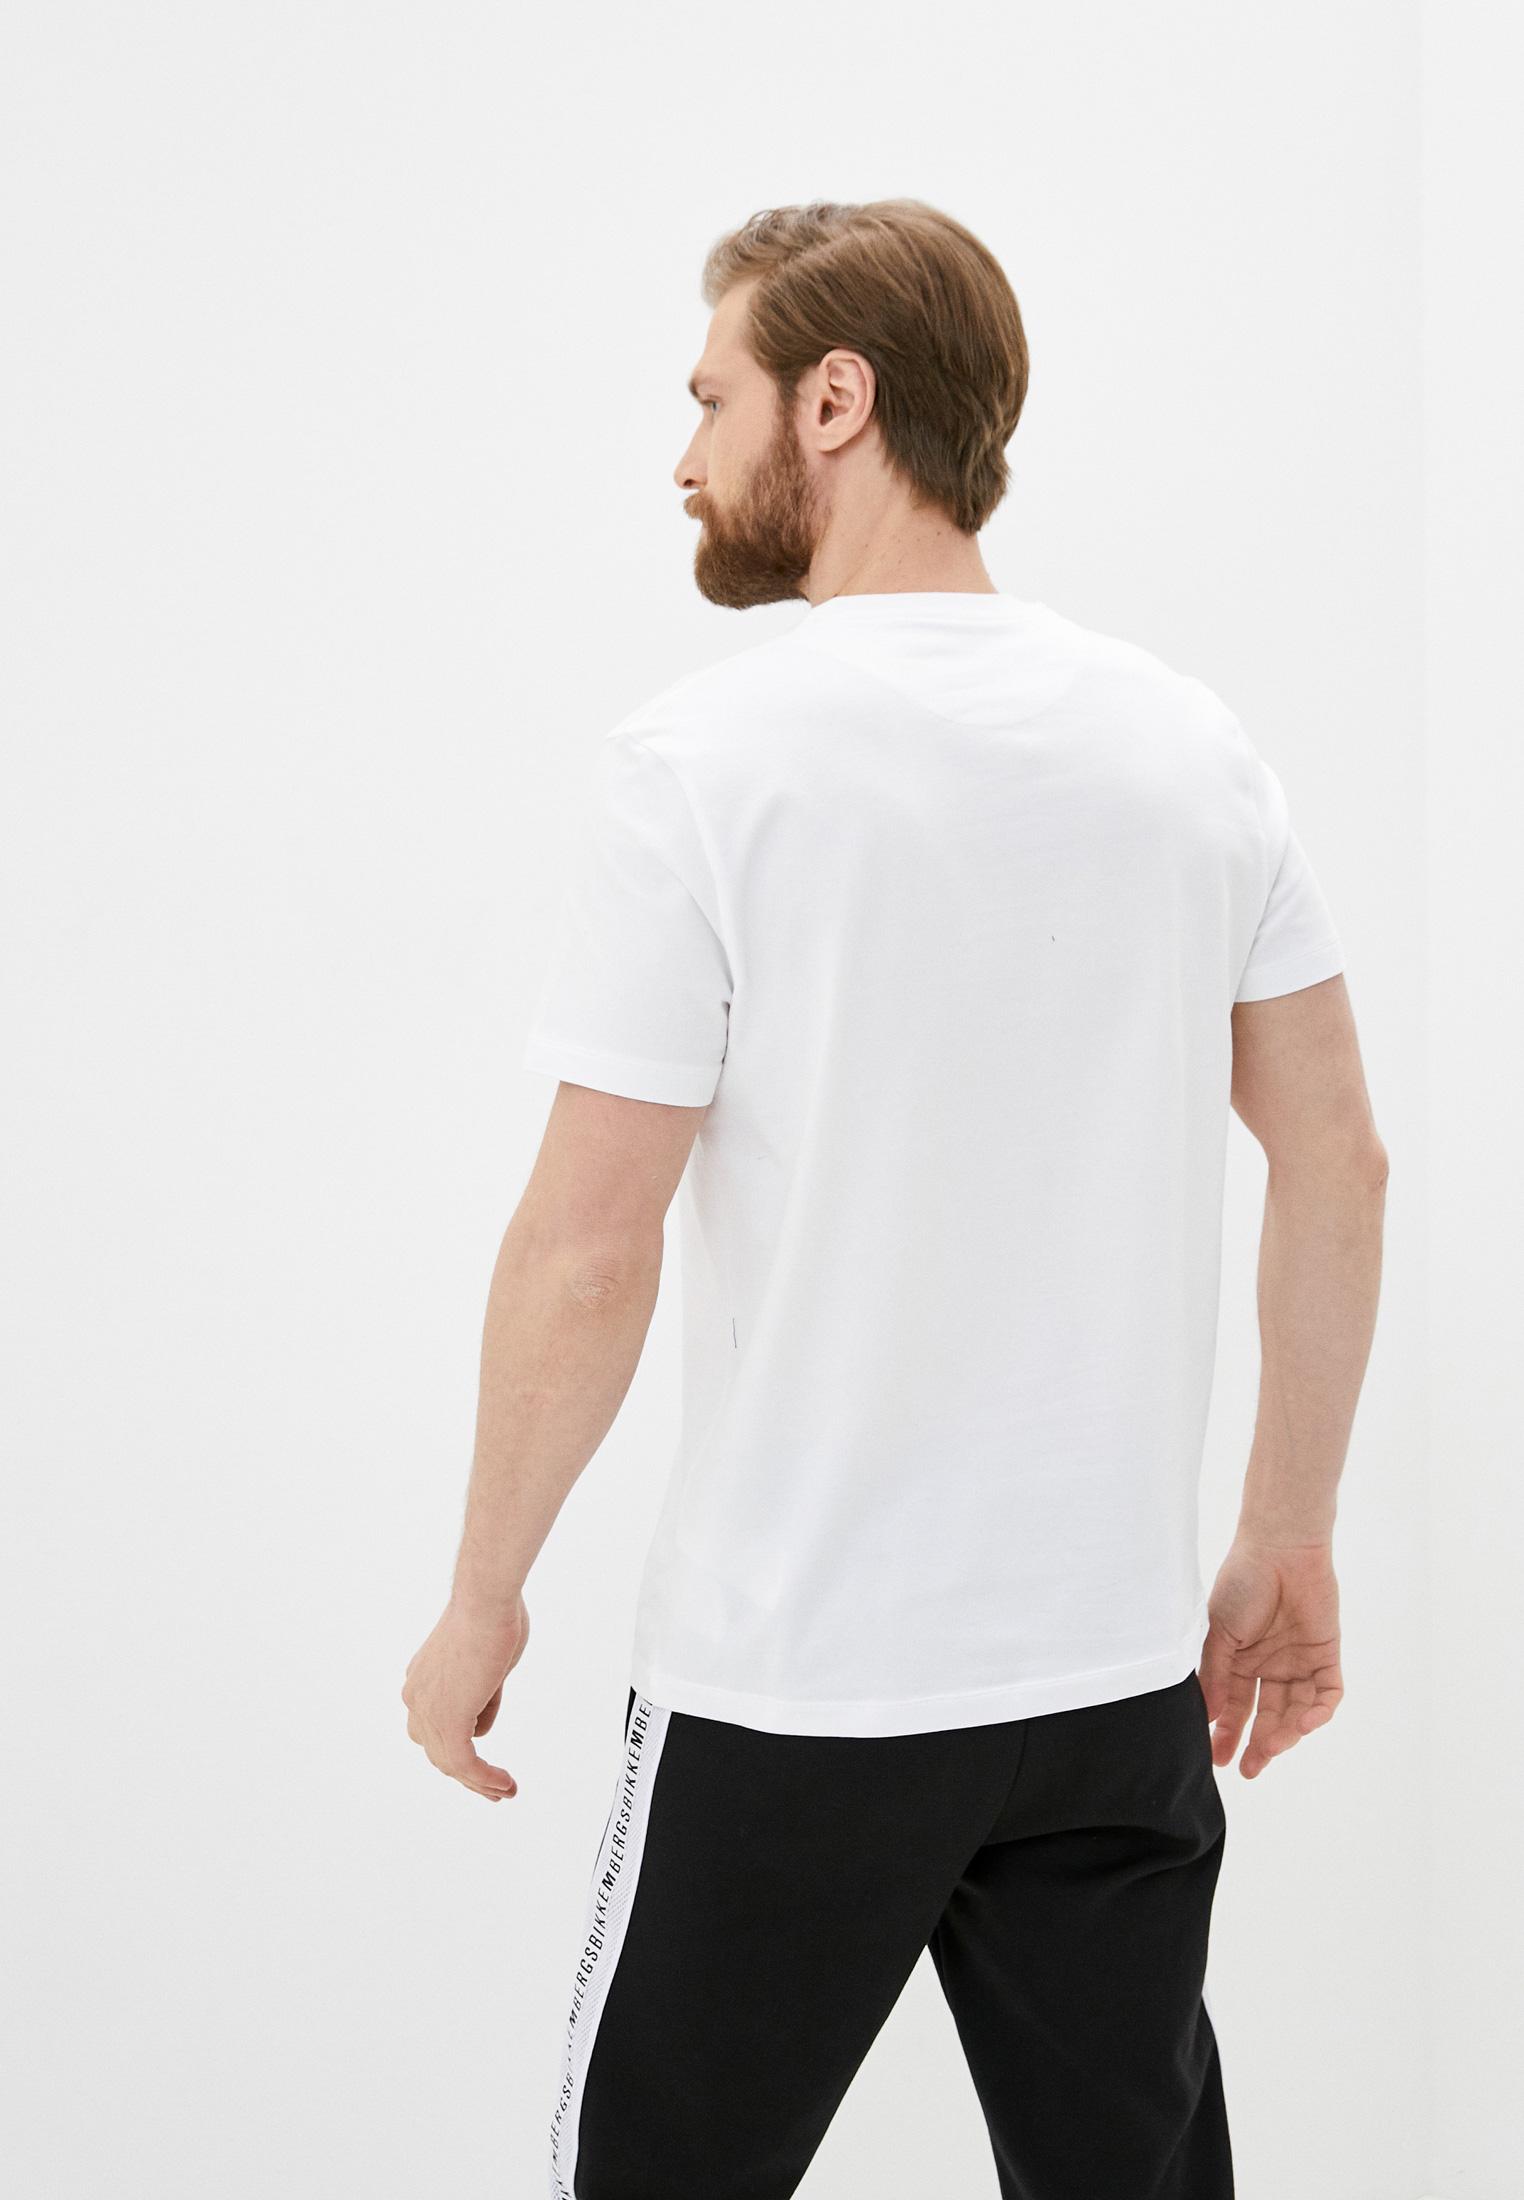 Мужская футболка Bikkembergs (Биккембергс) C 4 101 17 E 1811: изображение 4